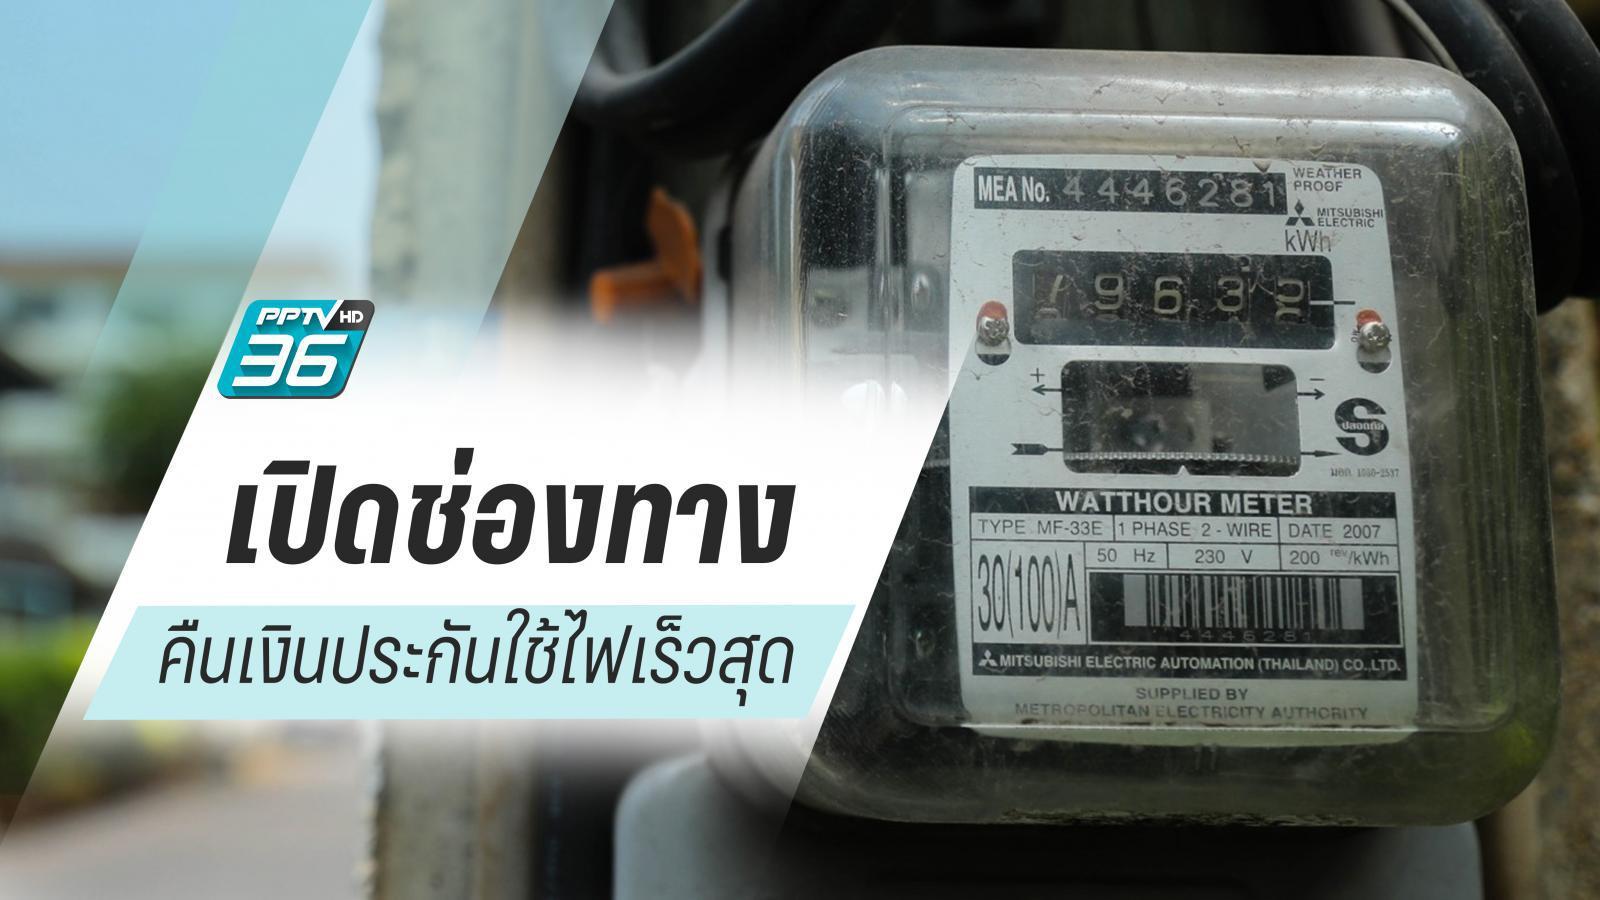 ช่องทางไหนคืนเงินประกันใช้ไฟฟ้าเร็วสุด 3 วัน คืนแล้วกว่า 1,700 ล้านบาท